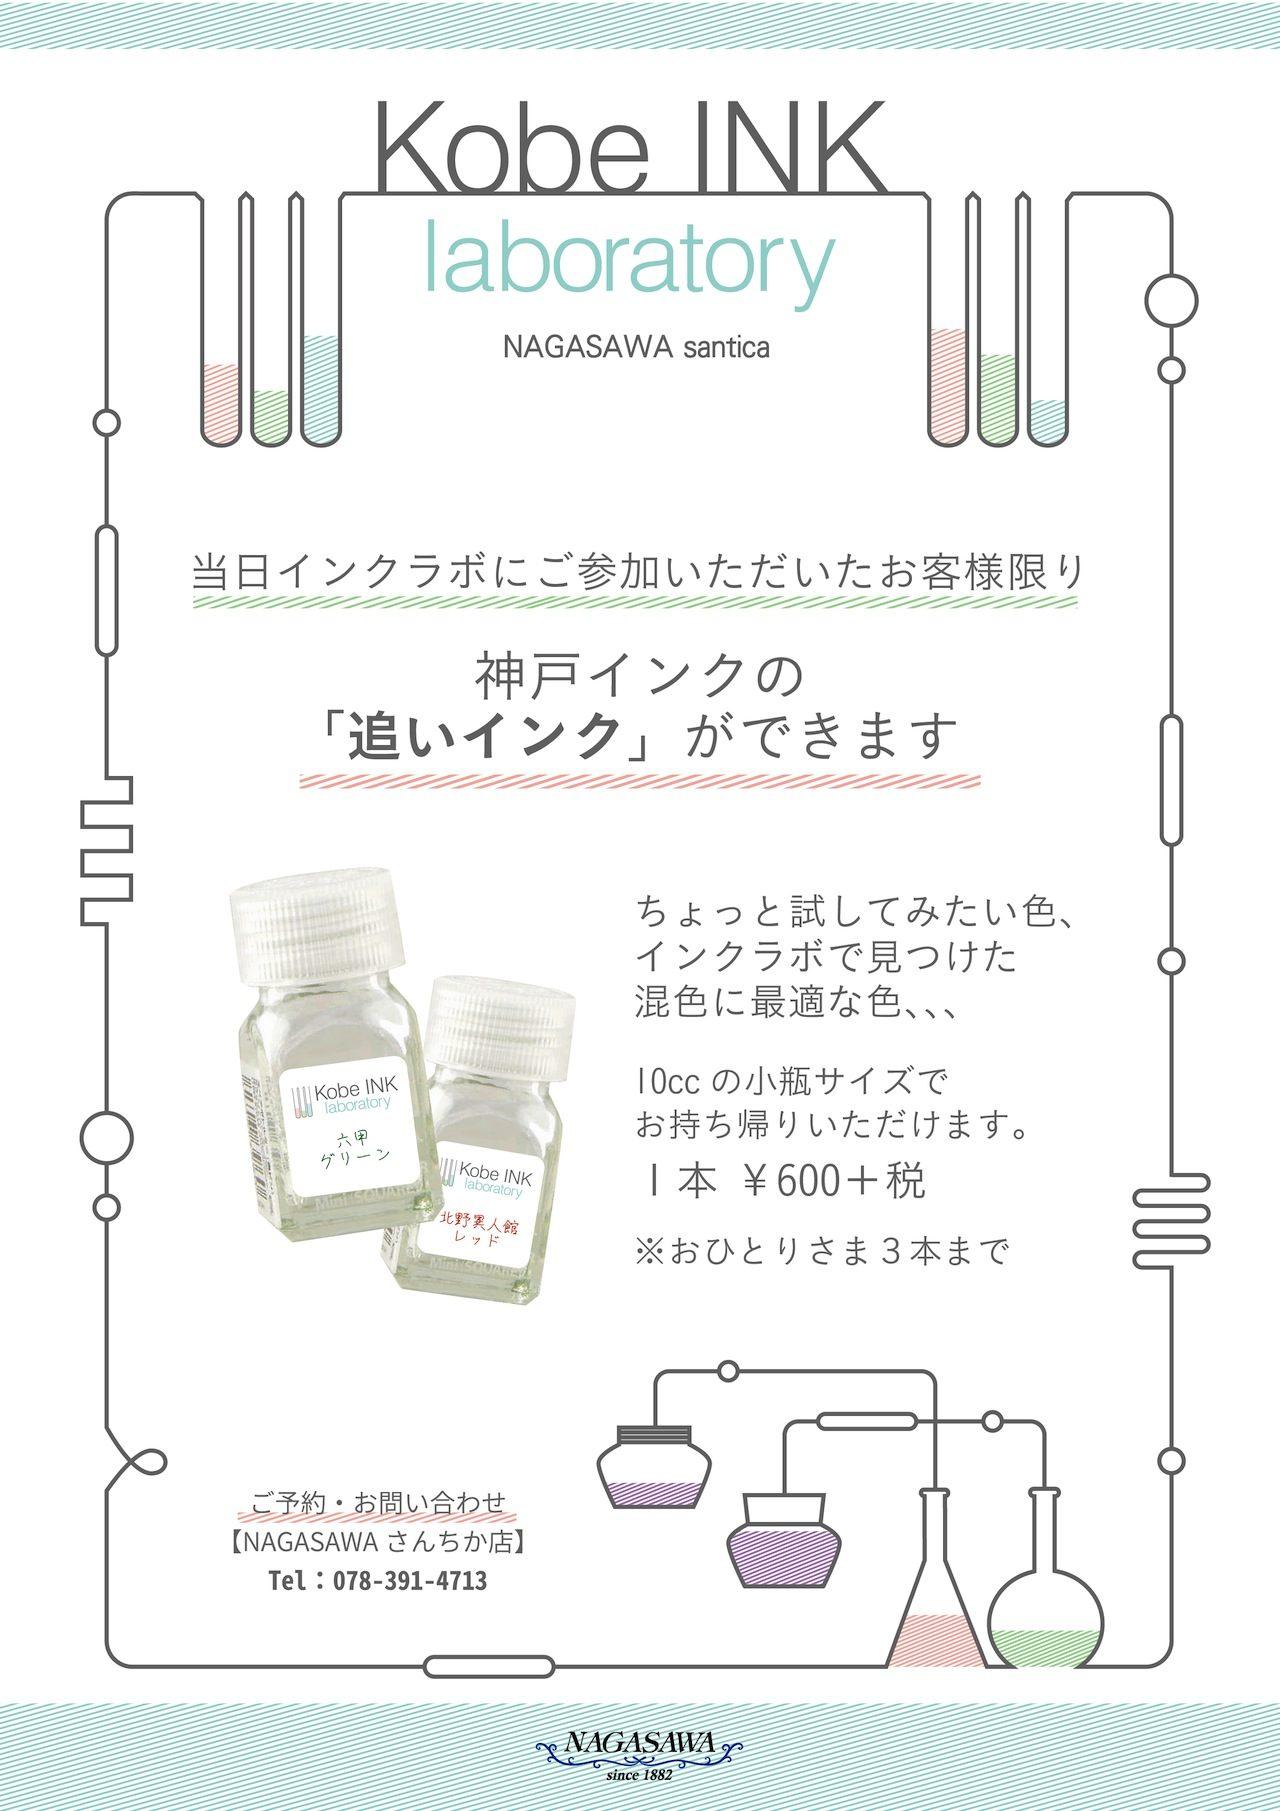 さんちか店で人気のイベント『神戸インクラボラトリー』を10月末に開催!